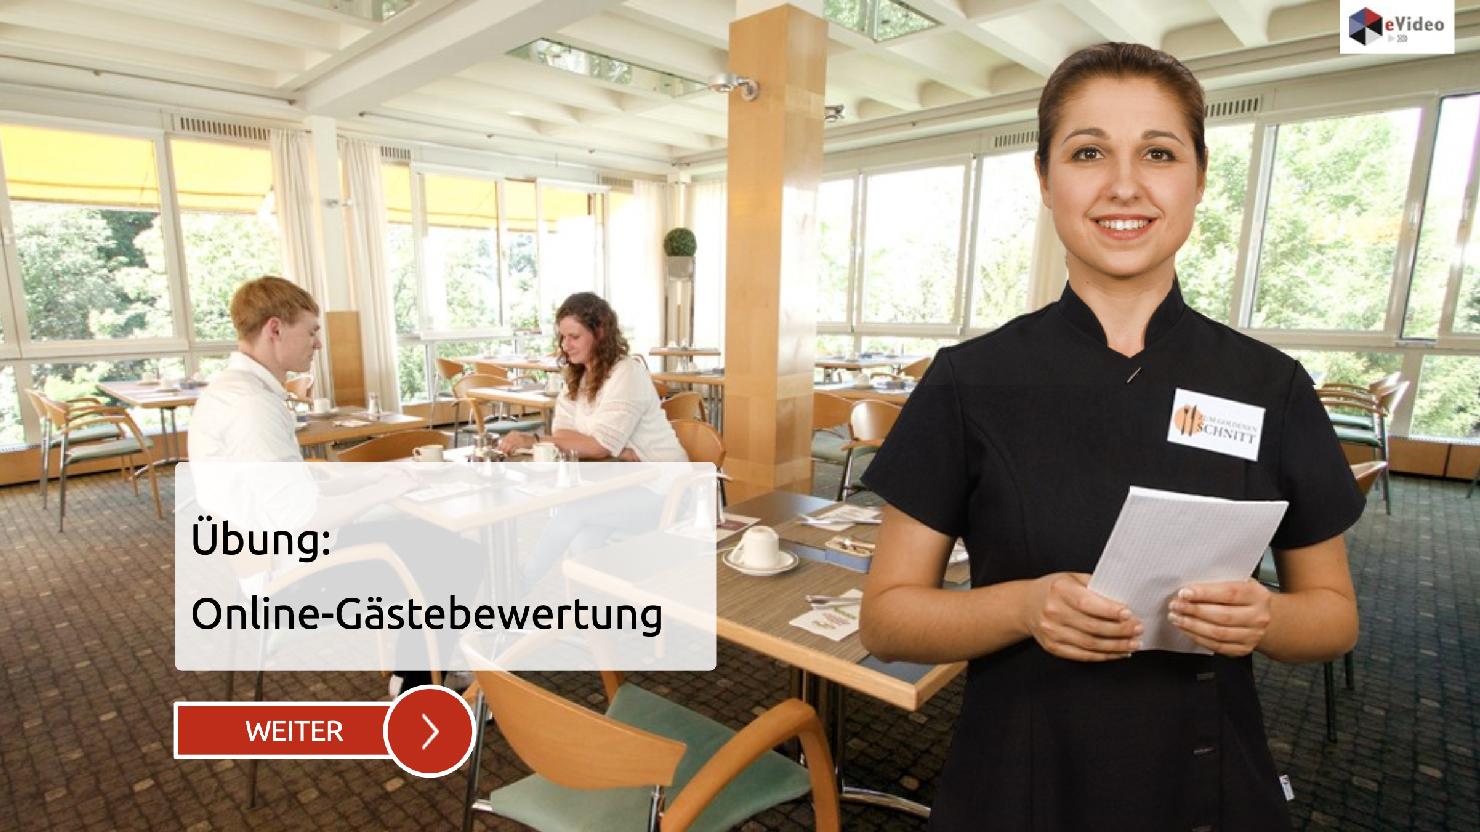 Titelbild zur eVideo-Übung: hotel- & Gastgewerbe – Online-Gästebewertung (Im Hintergrund: zwei Personen sitzen am Tisch, im Vordergrund eine lächelnde Person Im Gastro-Outfit und Schreibblock in der Hand